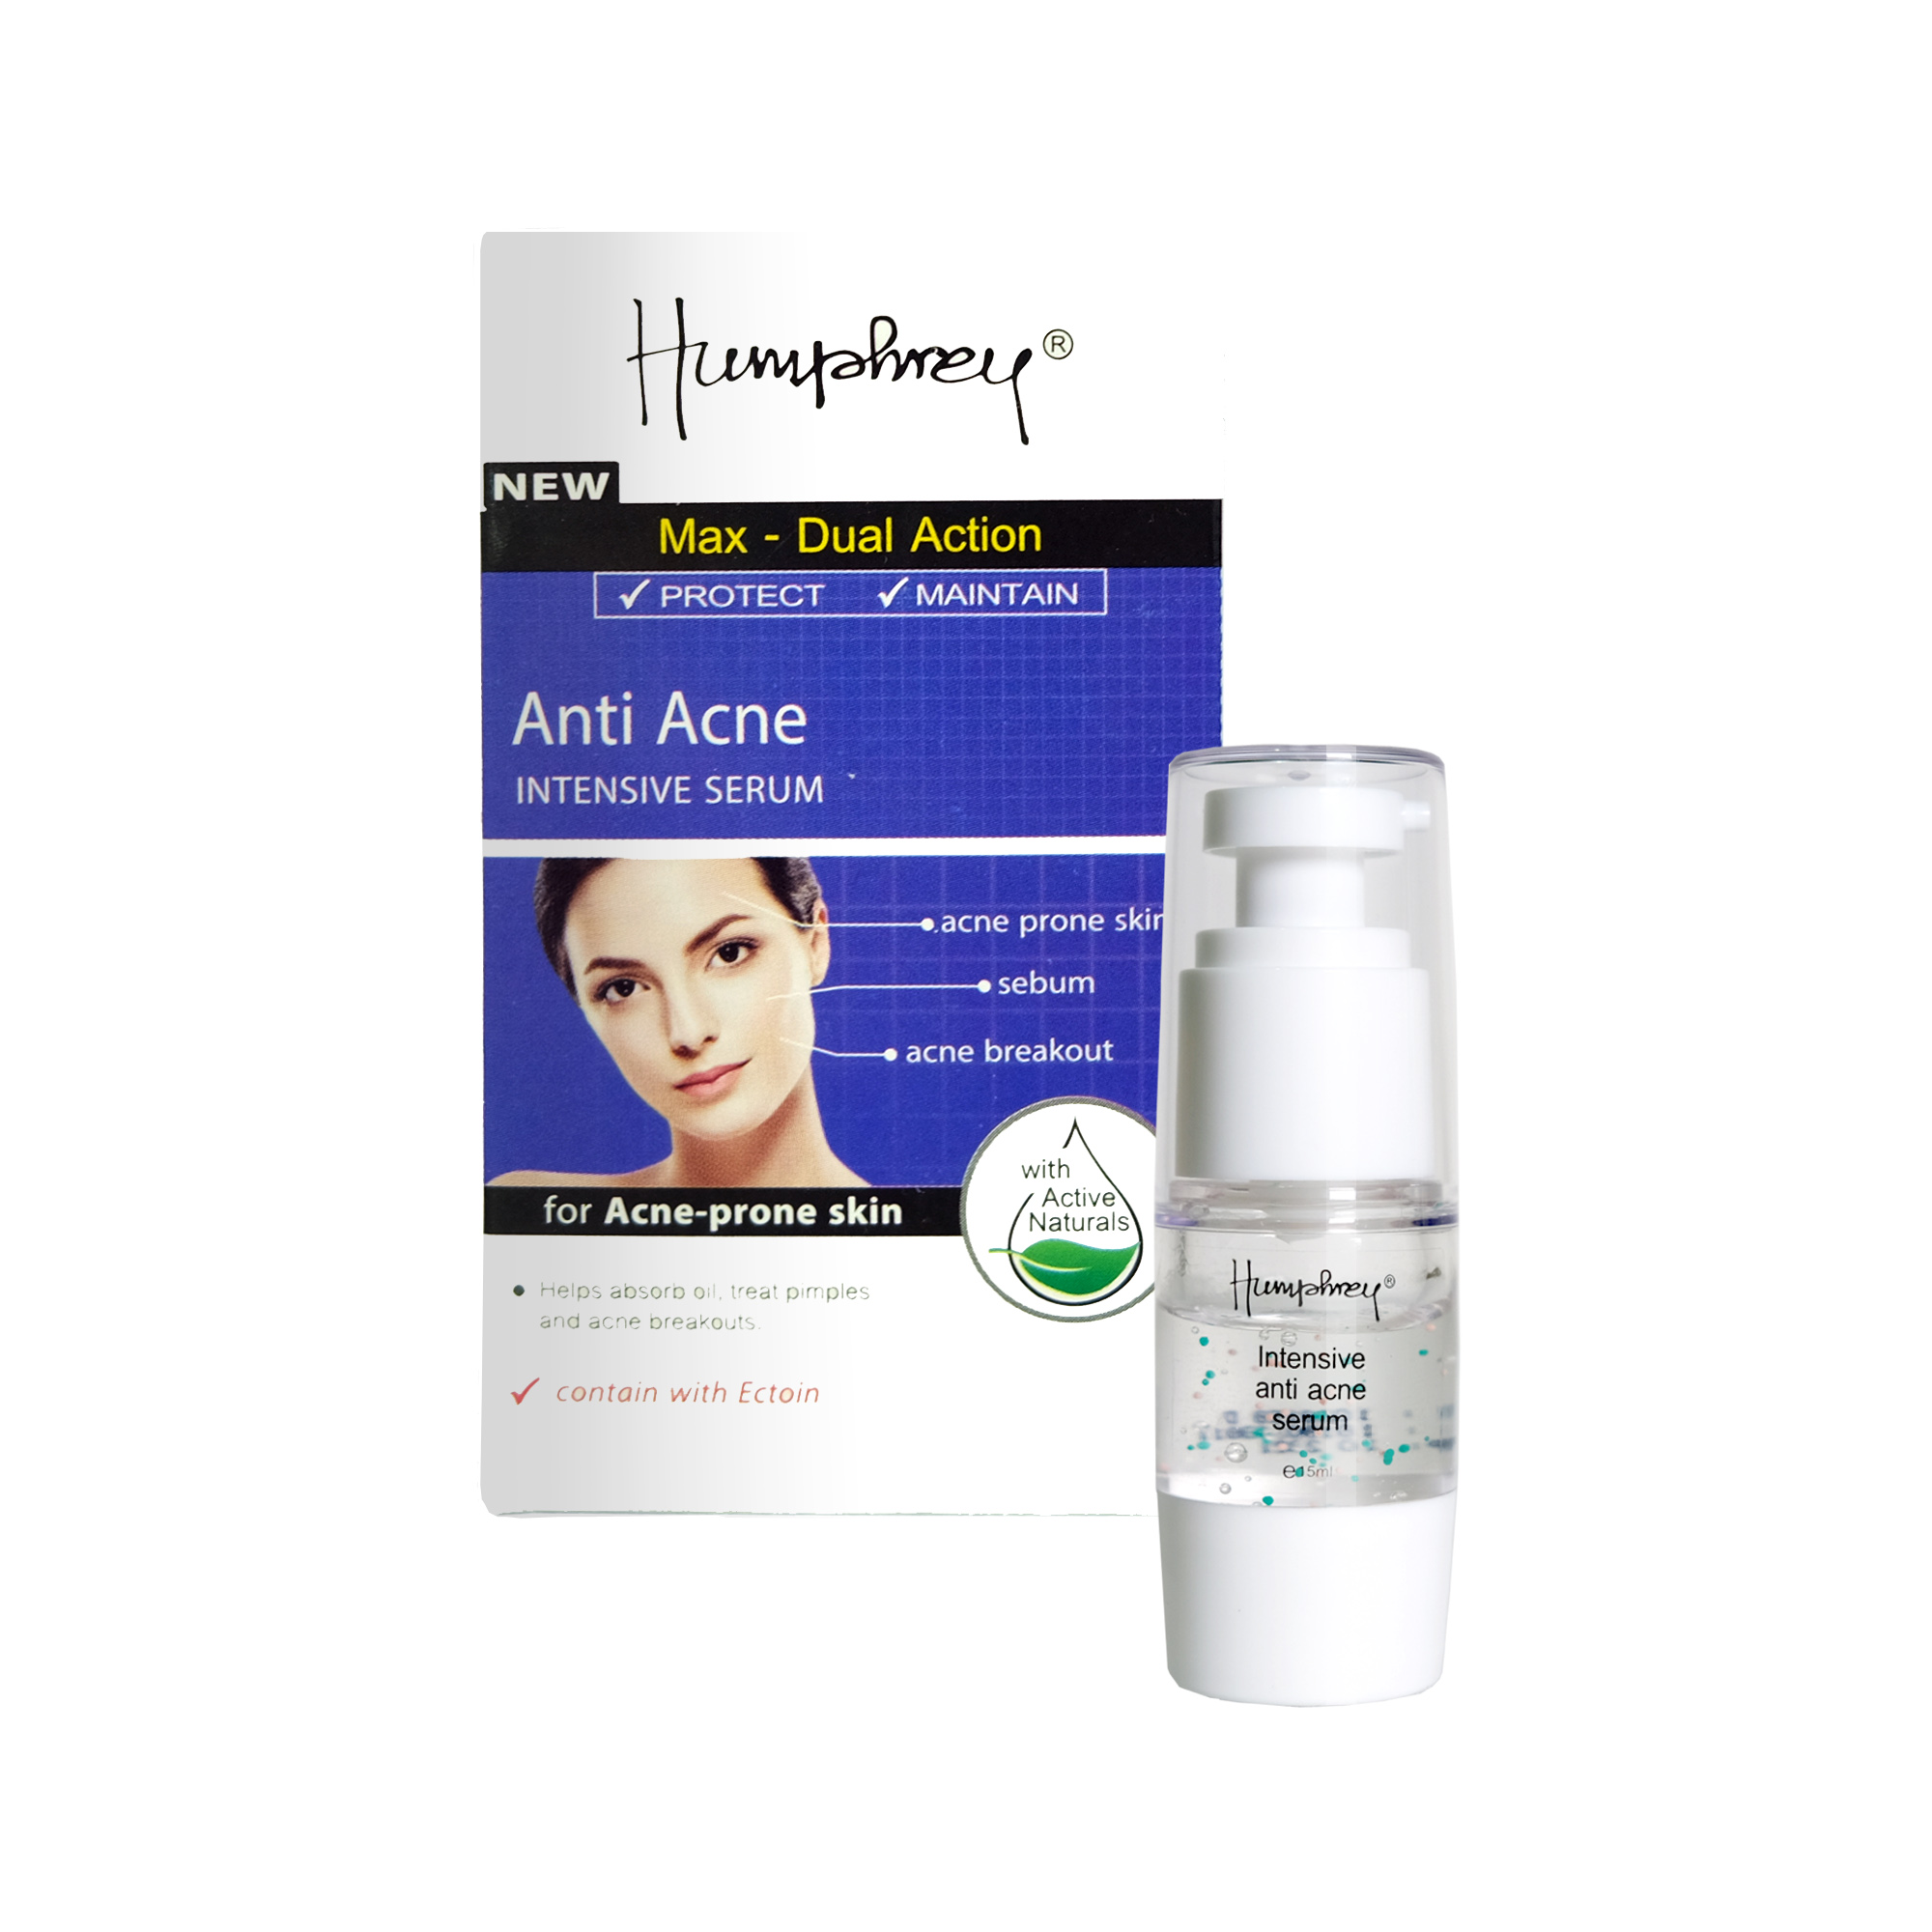 Humphrey Skincare Intensive Anti Acne Serum